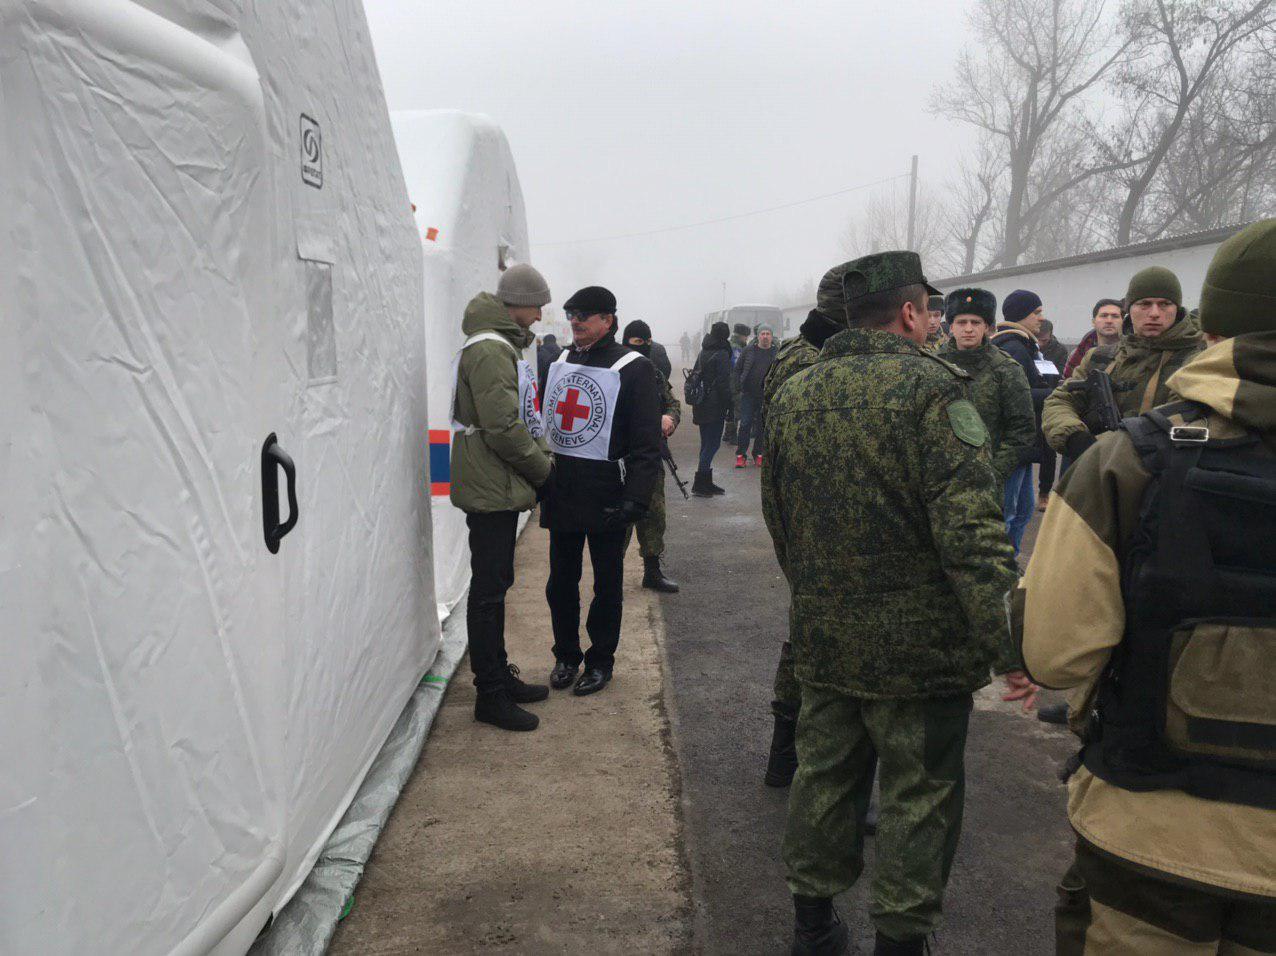 Українці вимагають реакції від ООН через розповсюдження COVID-19 у тюрмах на окупованих Криму і Донбасі -  - photo 2019 12 29 11 21 18